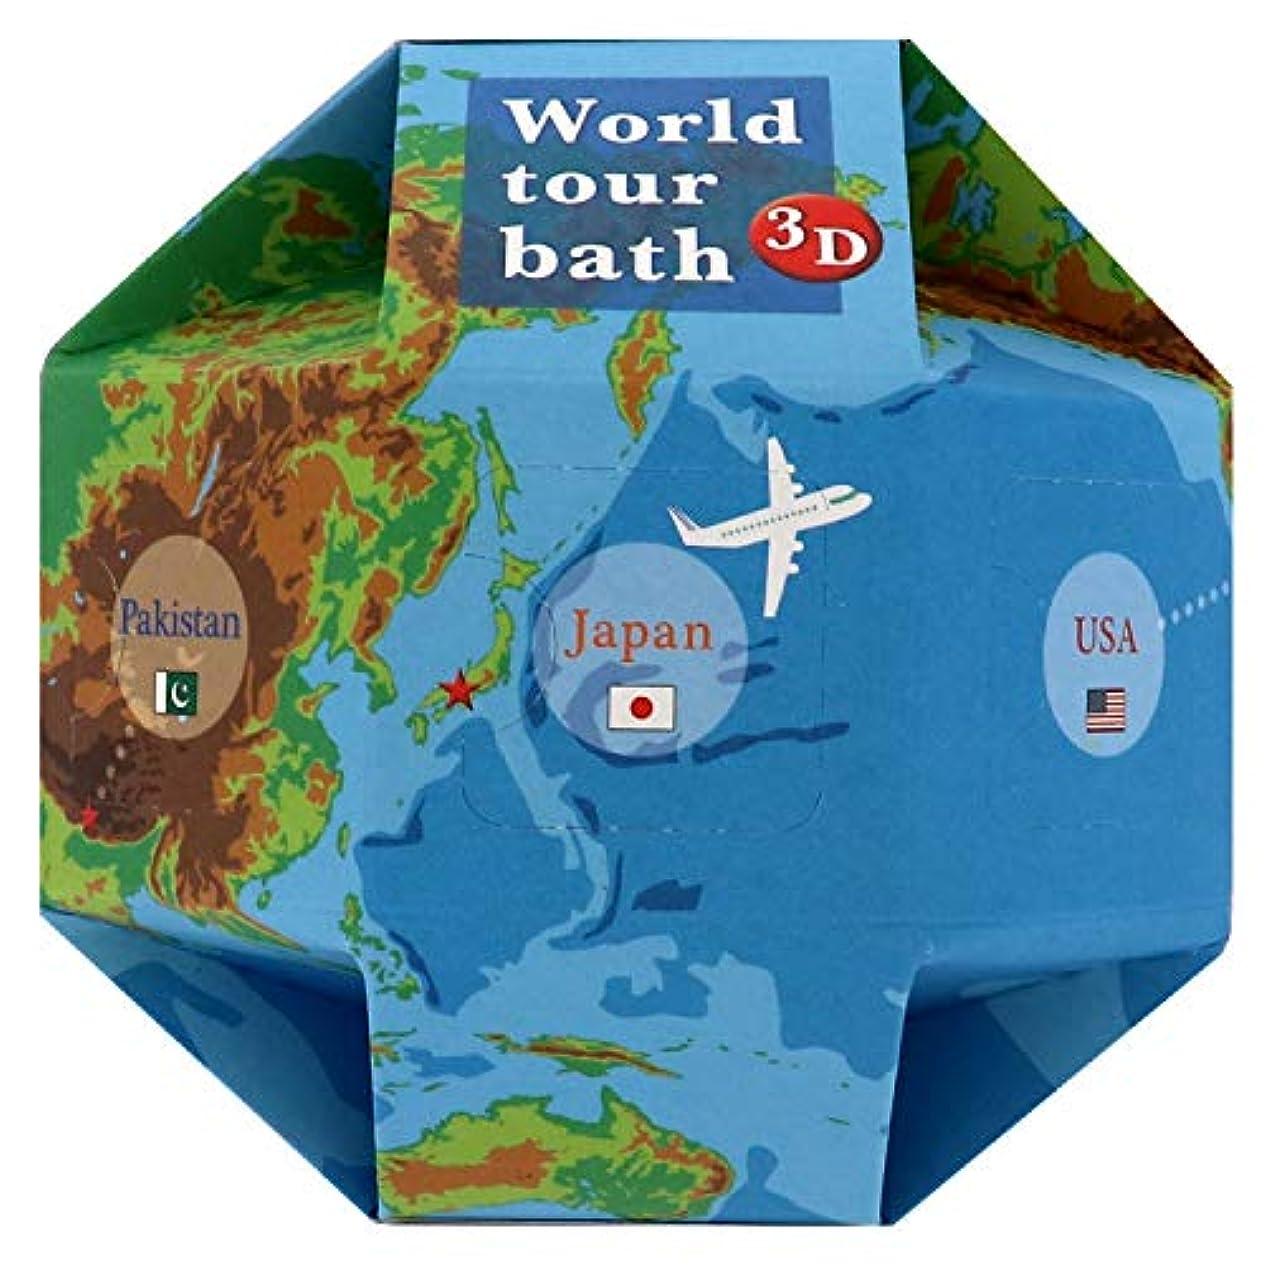 ポゴスティックジャンプ最愛の五ジーピークリエイツ ワールドツアーバス 3D バスソルト 25g×7包